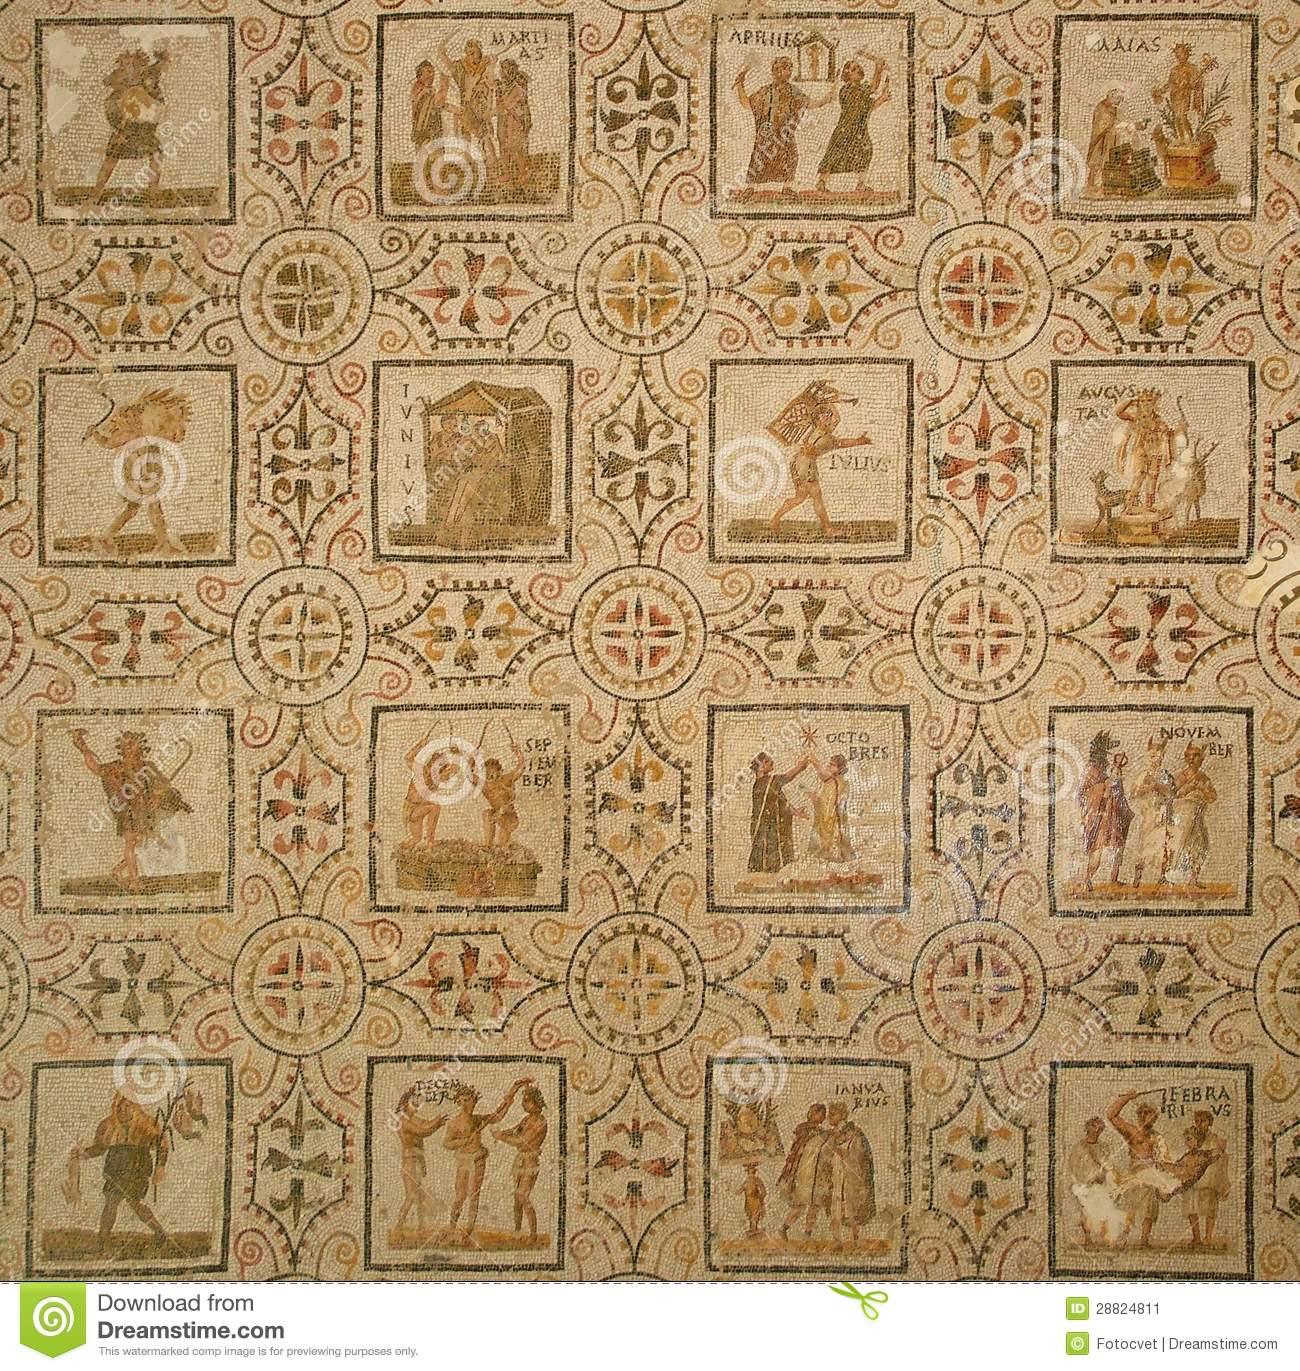 Calendario Romano.Los Meses Del Ano En El Calendario Romano Arqueologia En Mi Jardin